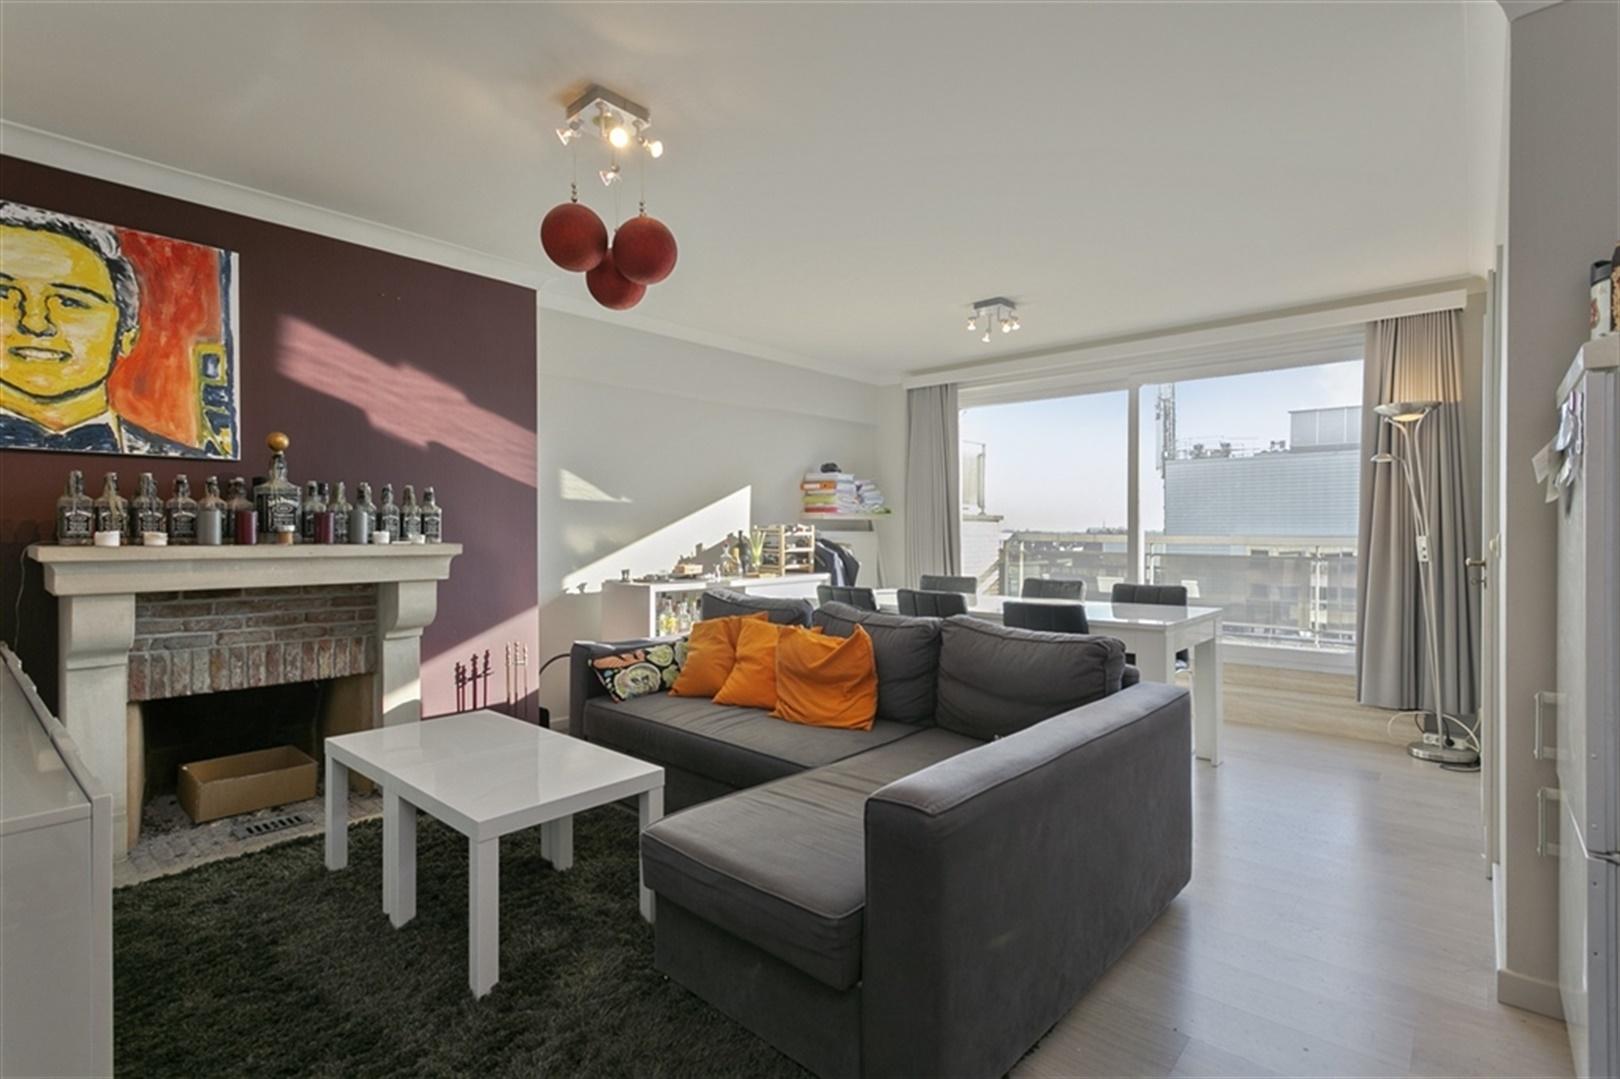 Appartement met 2 slaapkamers en zicht op de binnenstad!